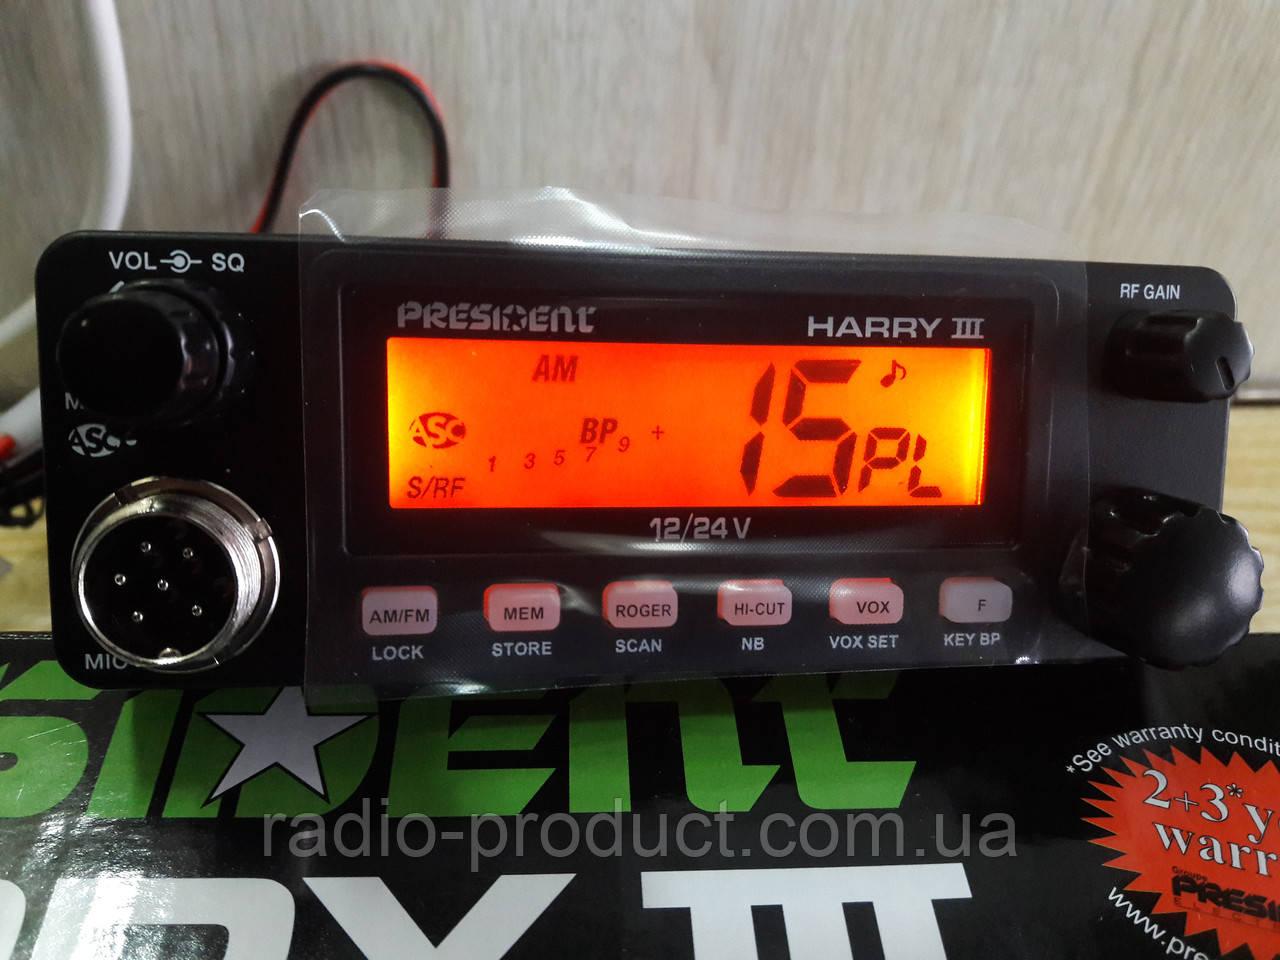 PRESIDENT HARRY III ASC 12/24 V, Си-Би радиостанция